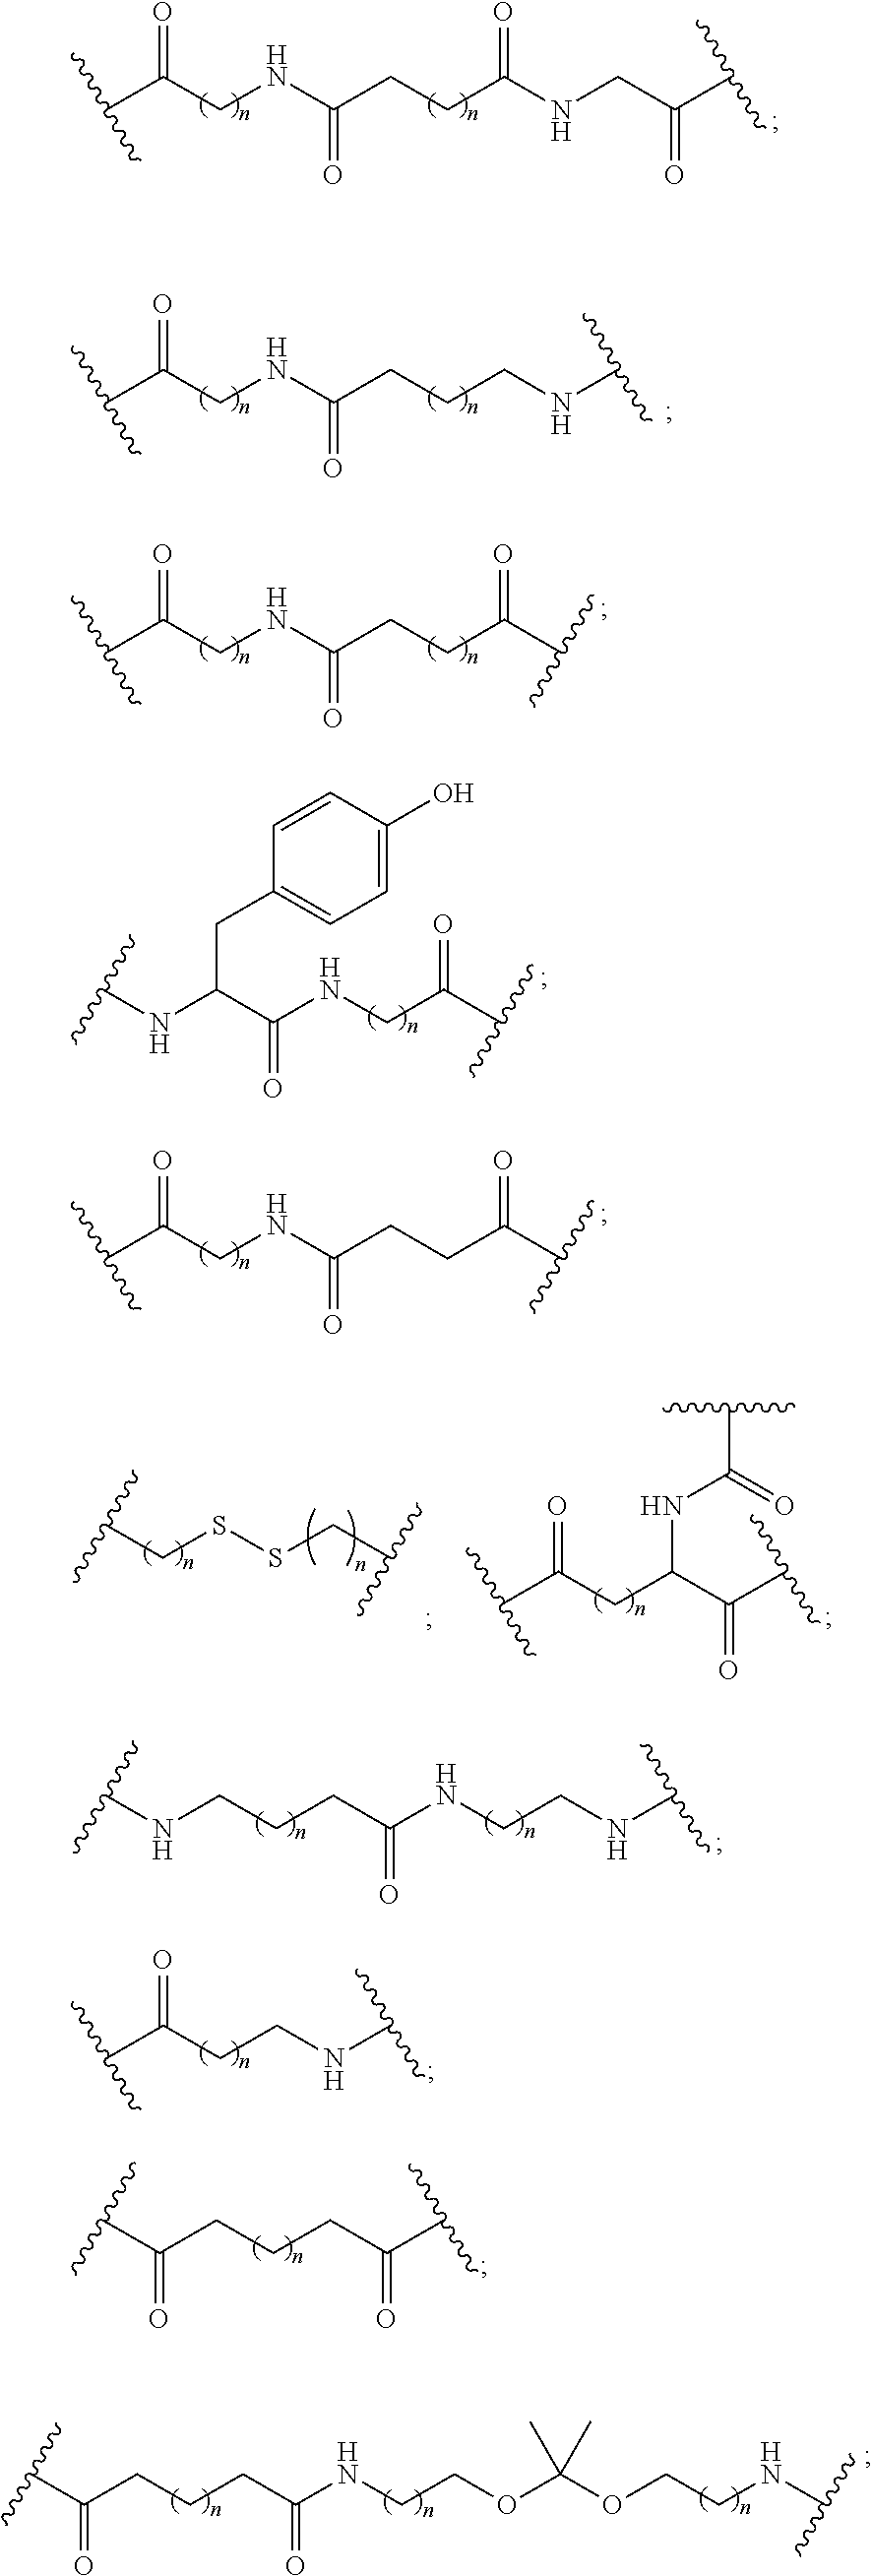 Figure US09714421-20170725-C00026